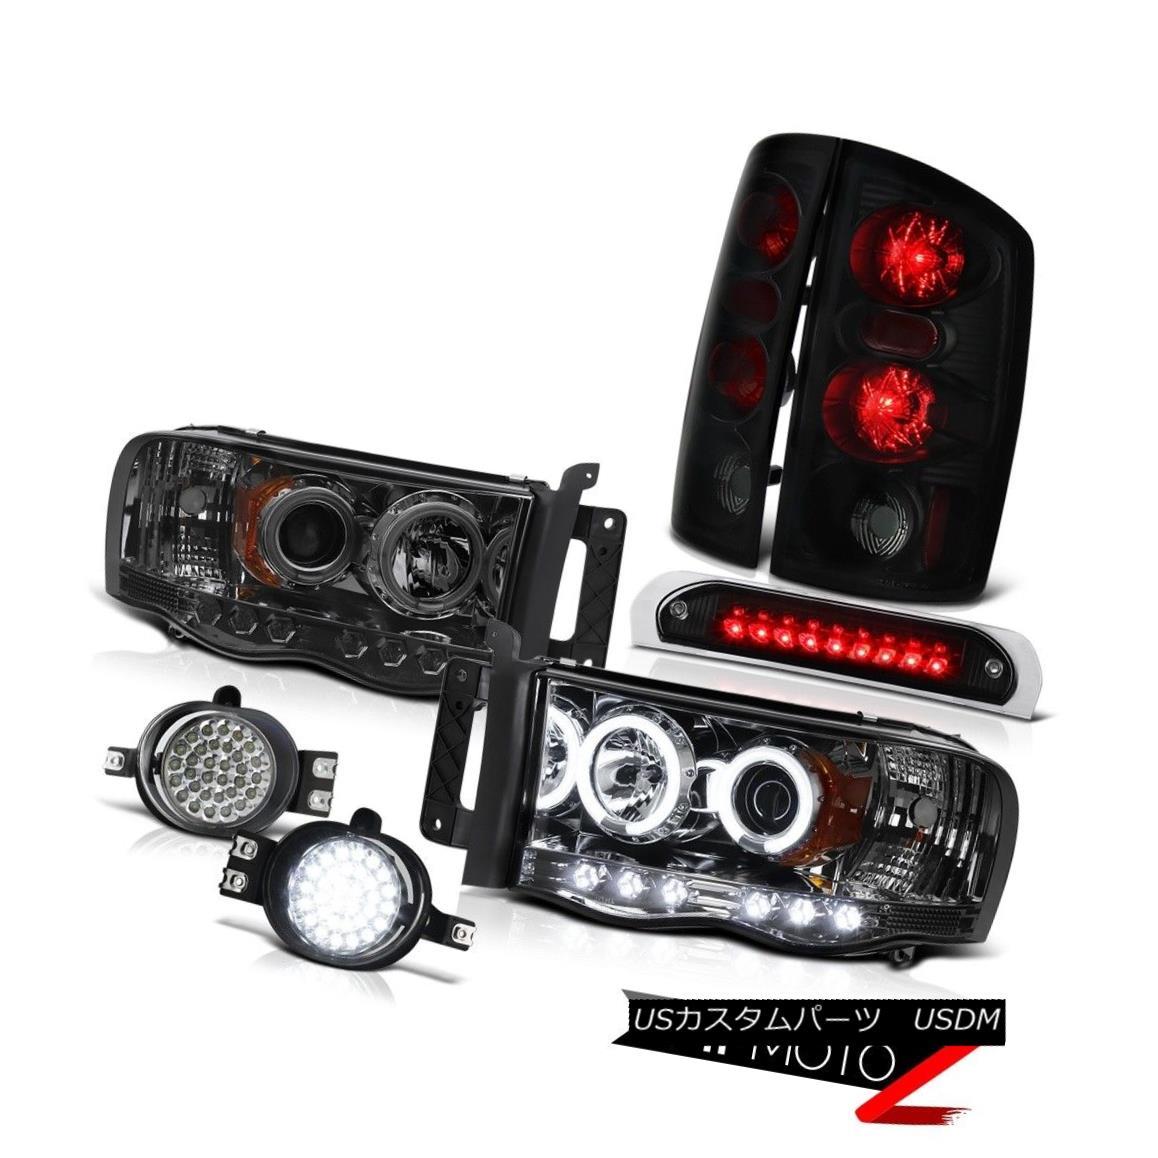 ヘッドライト 02 03 04 05 Ram 1500 Projector Sinister Black Tail Lamps LED DRL Fog Third Brake 02 03 04 05ラム1500プロジェクター邪悪な黒テールランプLED DRLフォグ第3ブレーキ